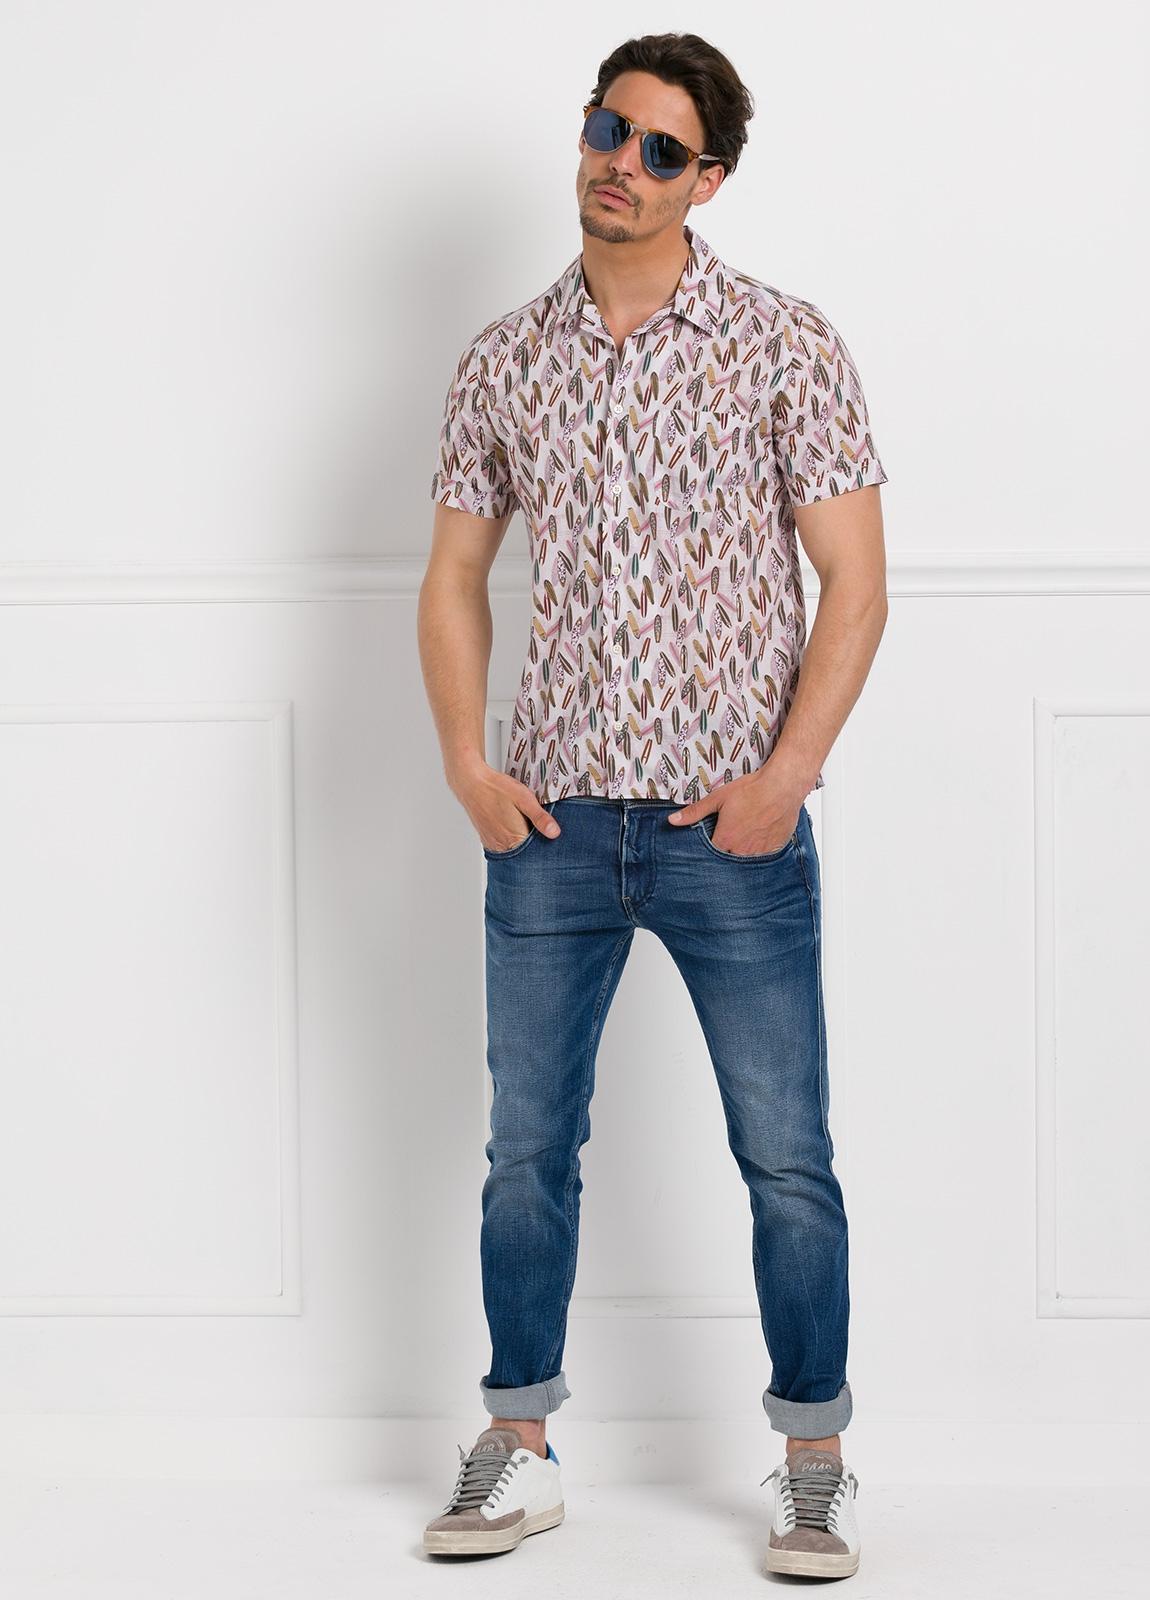 Camisa Leisure Wear modelo HAWAI estampado fantasía.100% Algodón. - Ítem2